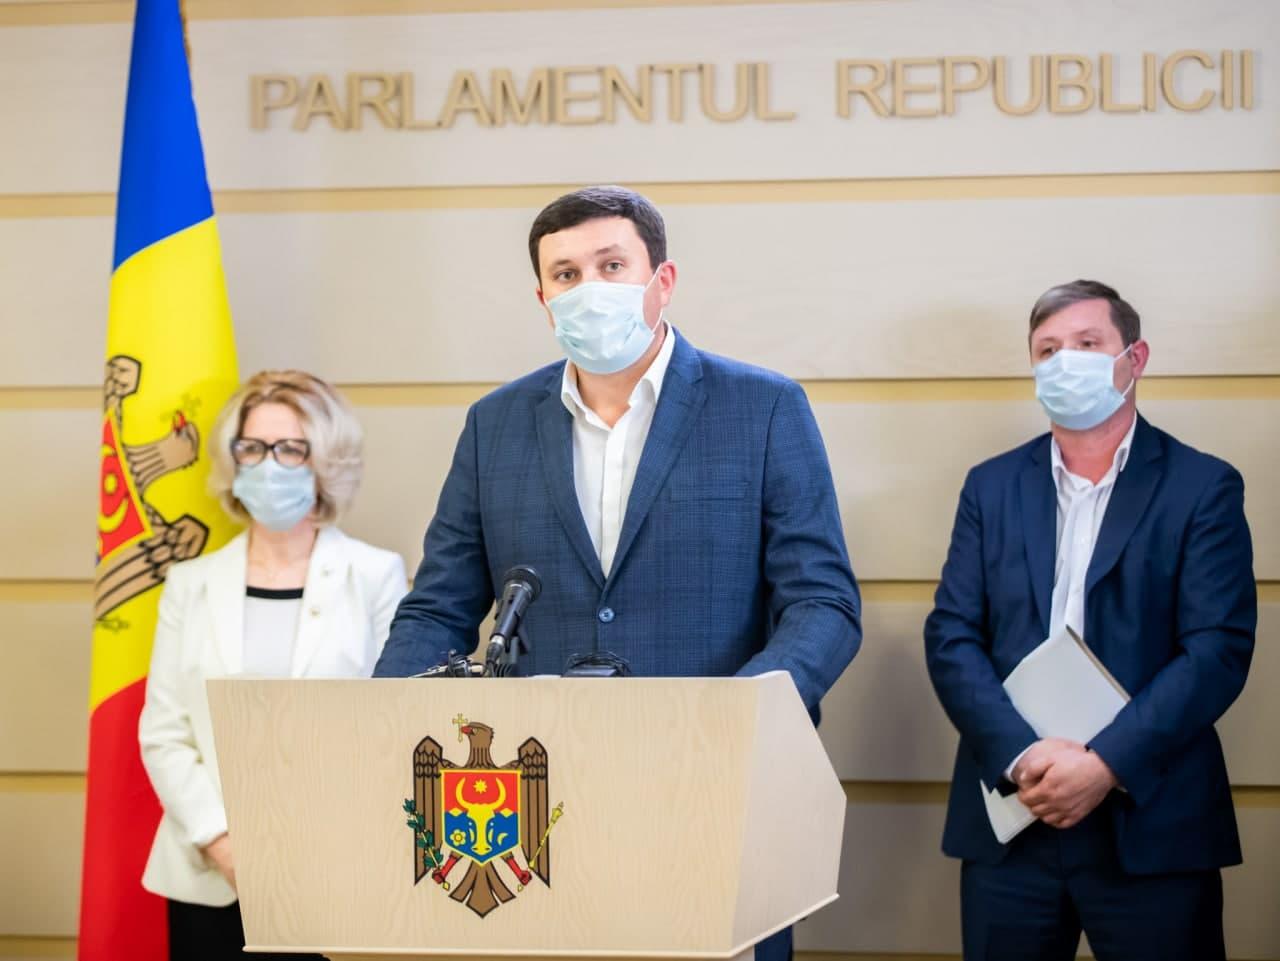 """Односталко: Наши социальные инициативы станут """"лакмусовой бумажкой"""" для парламентского большинства (ВИДЕО)"""